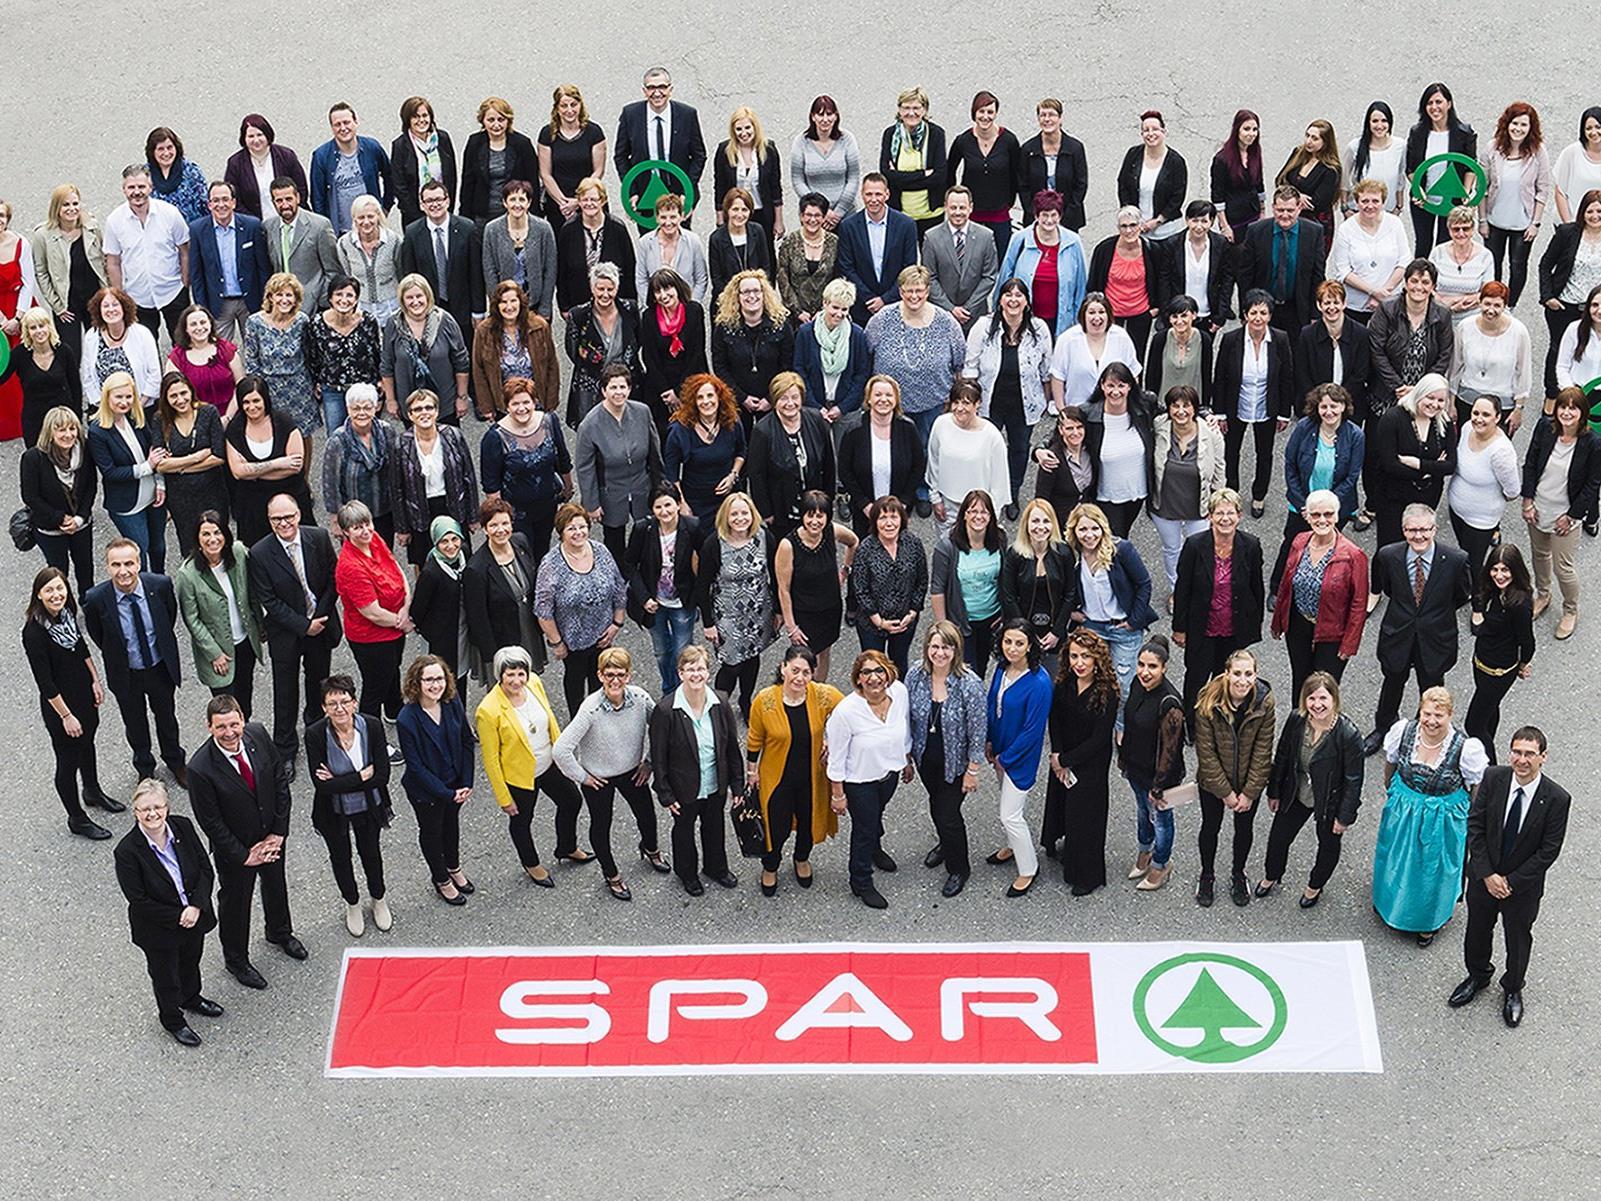 SPAR Vorarlberg dankte 124 Mitarbeitern für 2.035 Dienstjahre im Zeichen der Tanne. Im Bild unsere Jubilare mit Gratulanten.